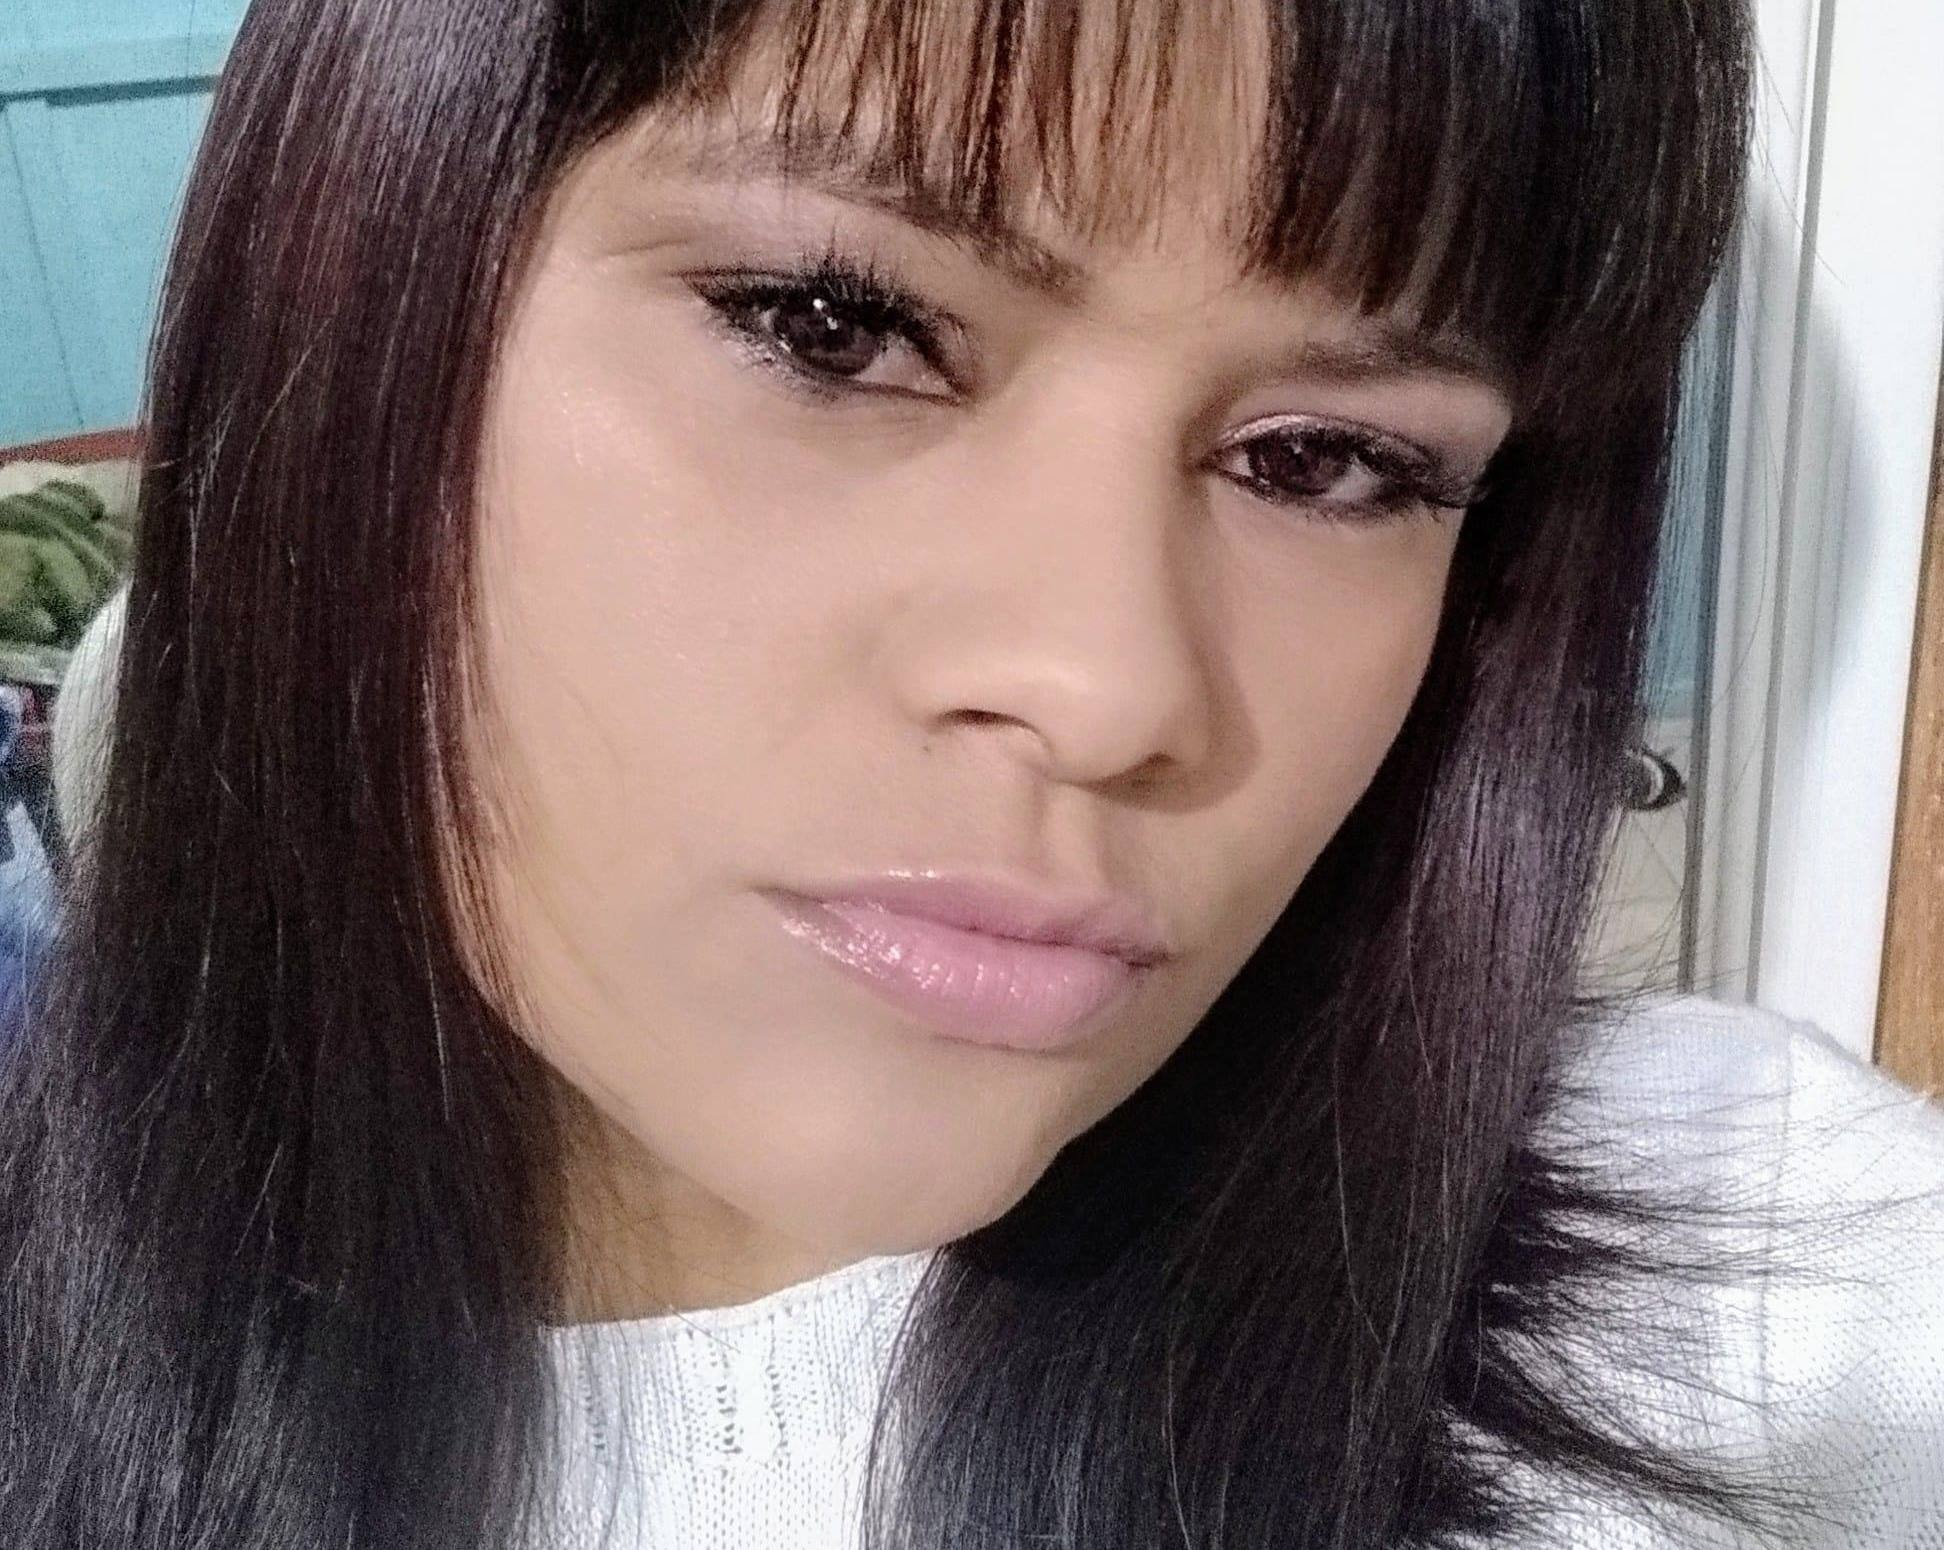 Mulher é morta a tiro ao defender filha logo após registrarem B.O. contra vizinho em SC, diz polícia